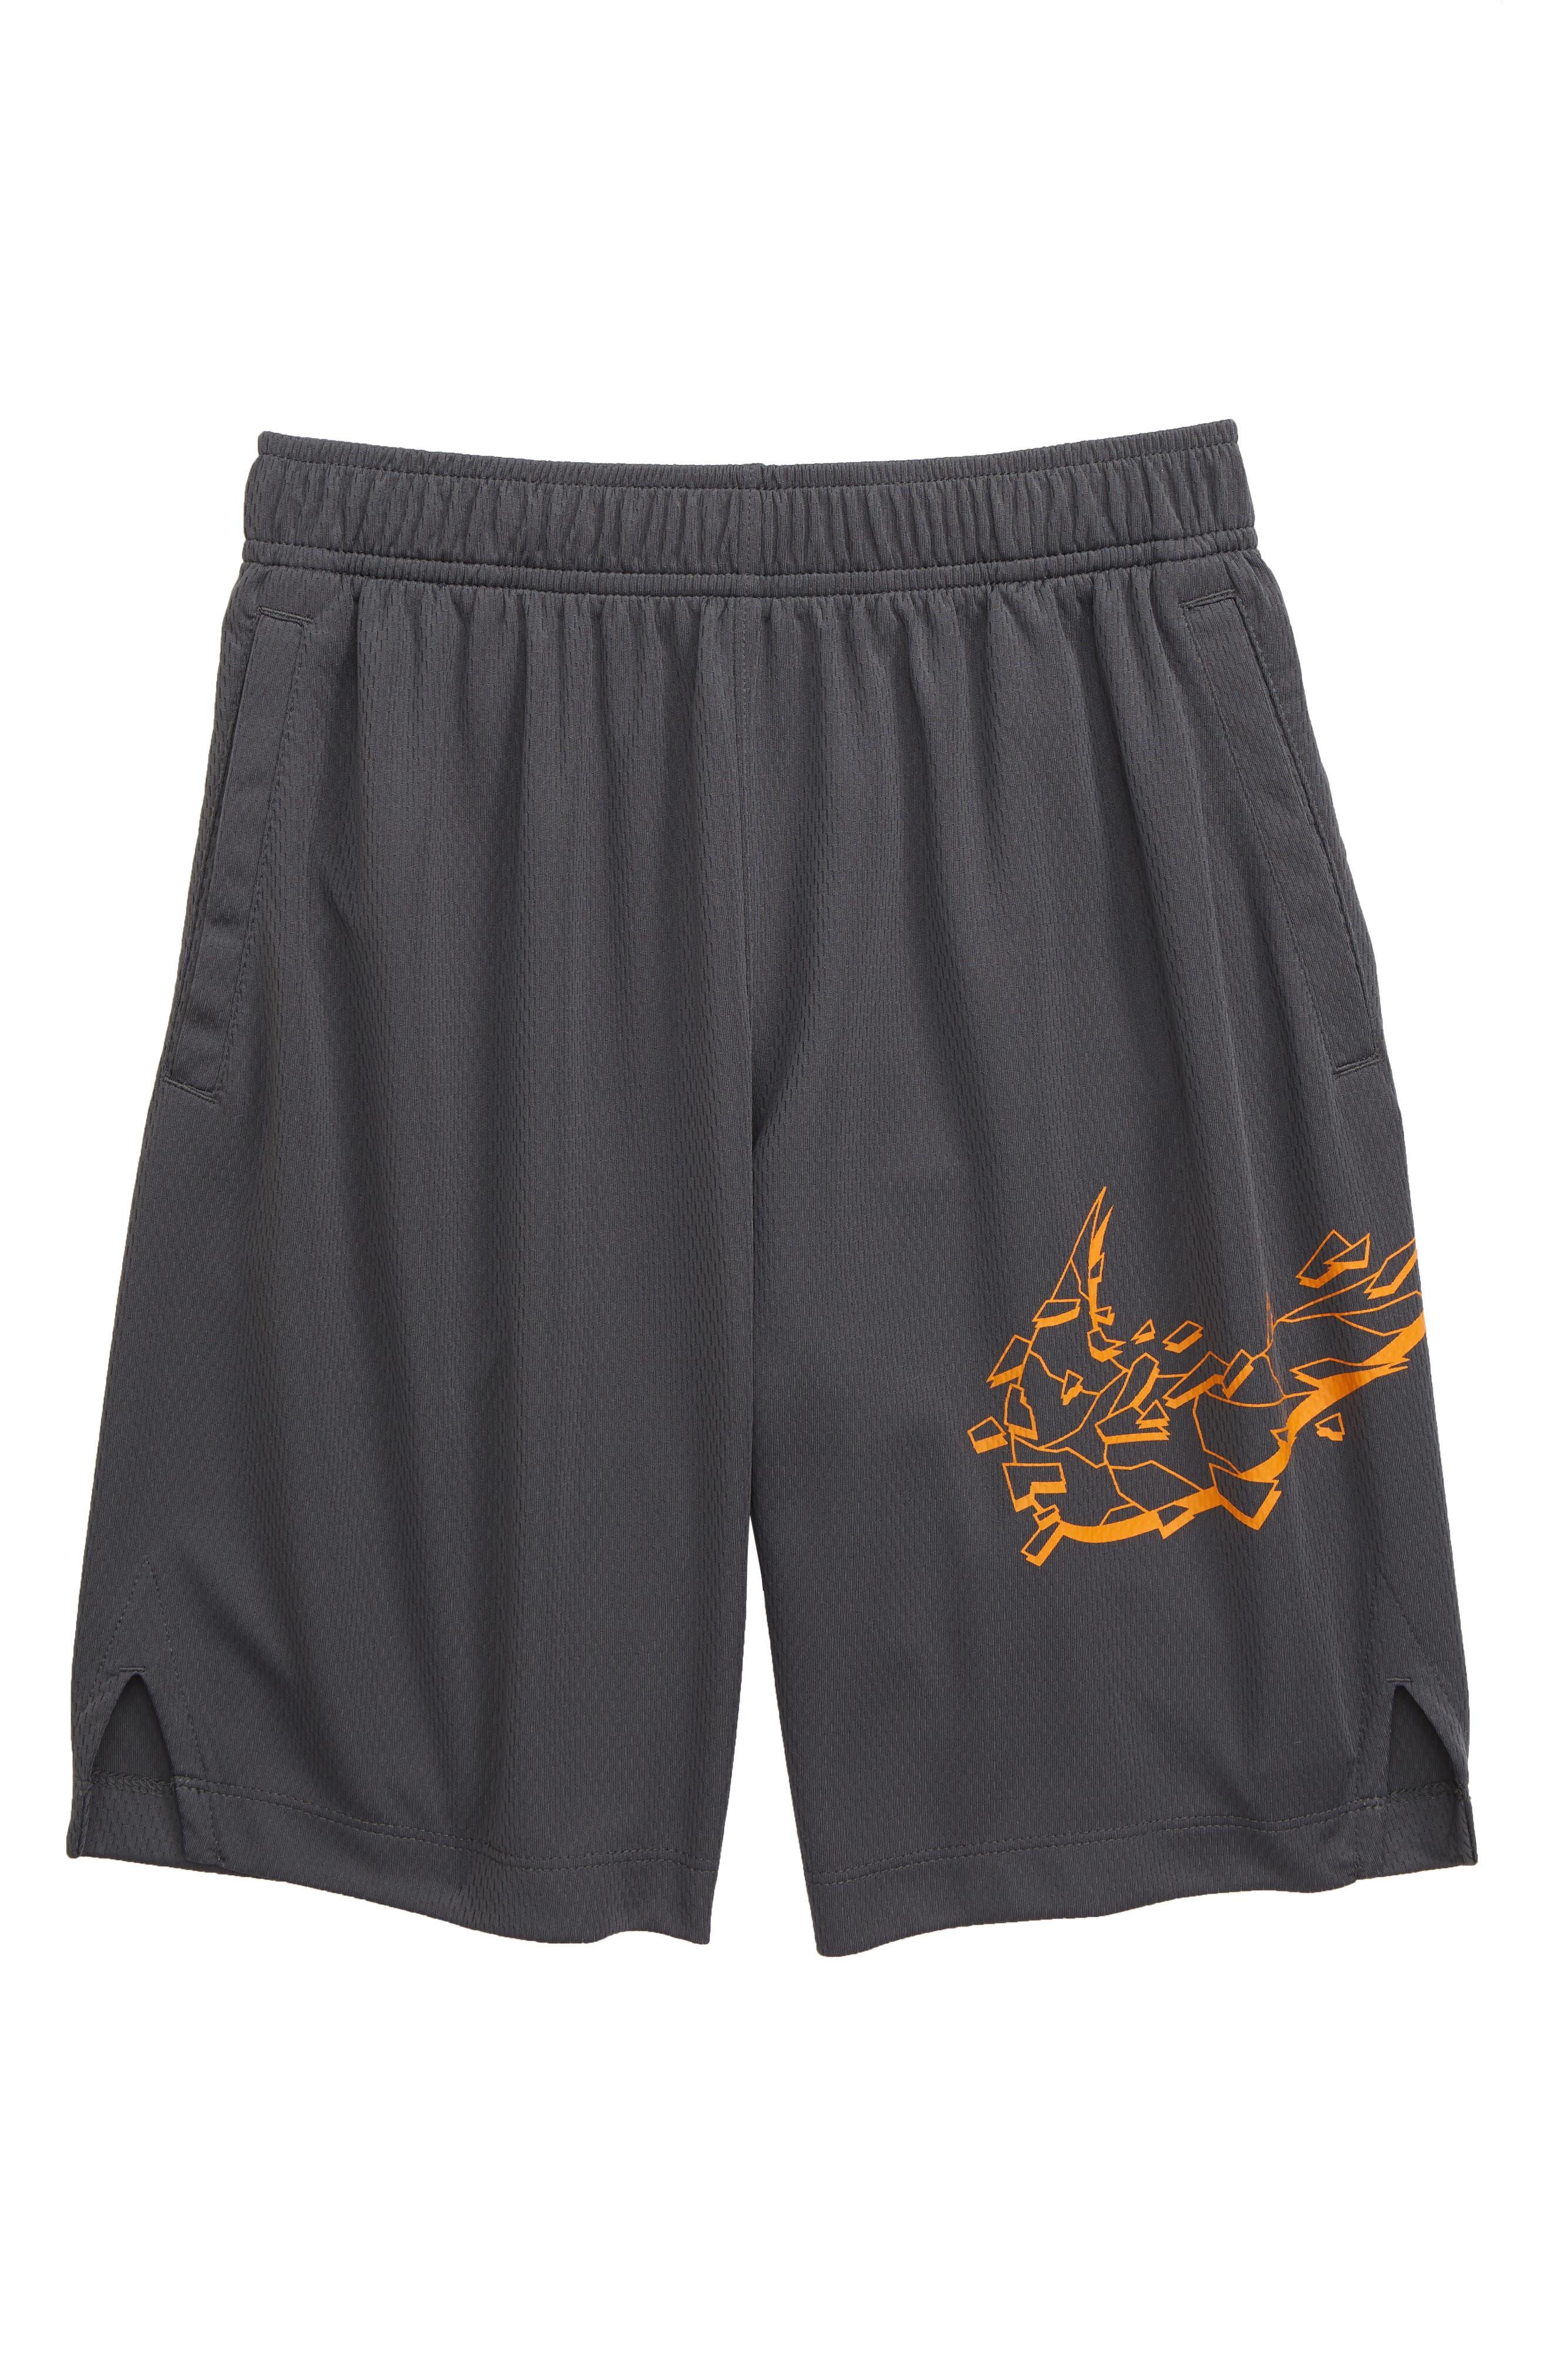 Boys Nike DriFit Graphic Training Shorts